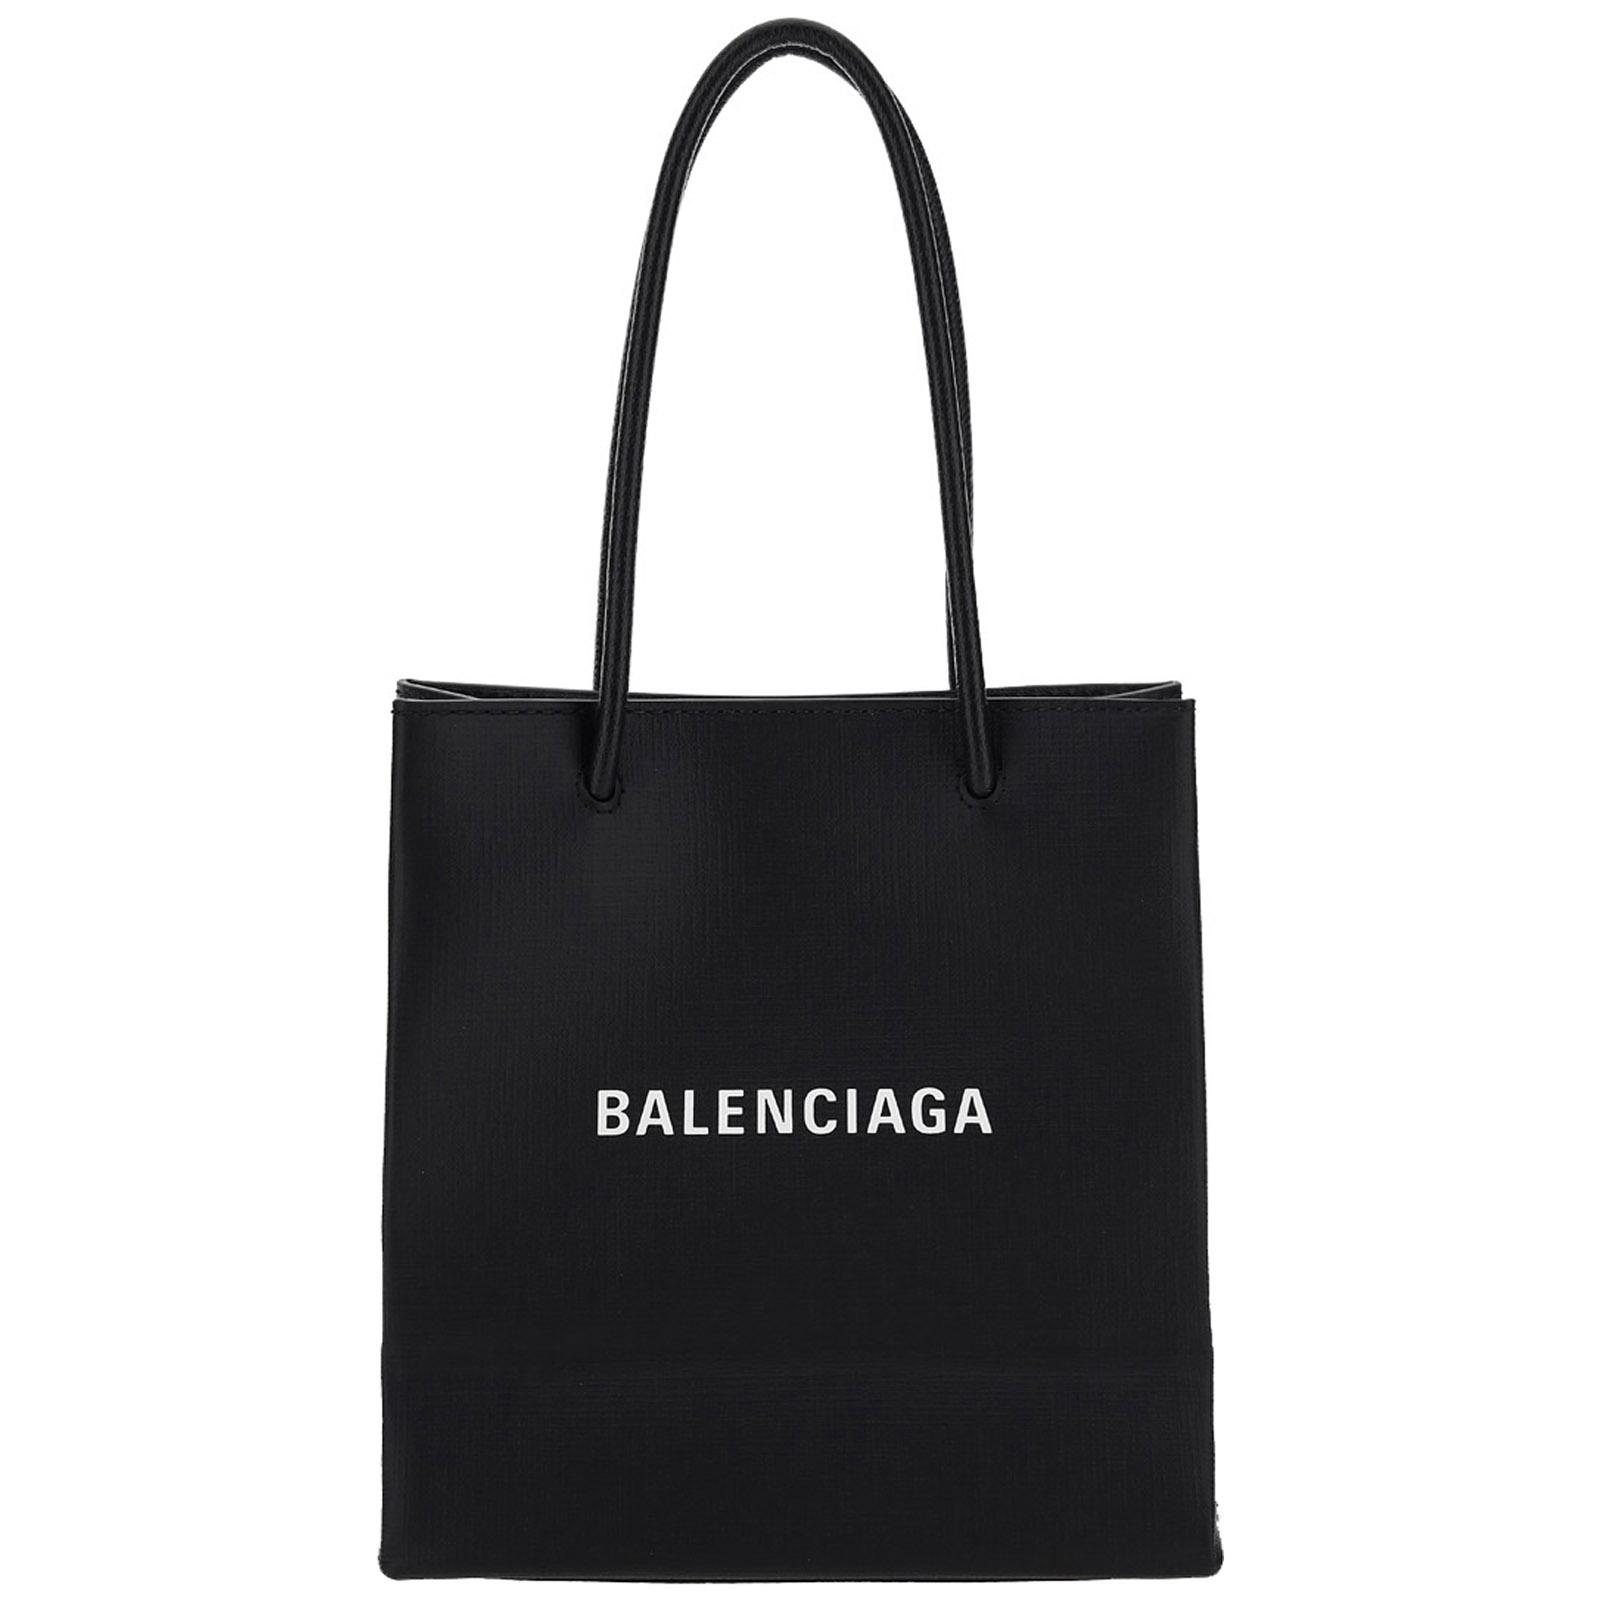 BALENCIAGA MEN'S LEATHER BAG HANDBAG TOTE SHOPPING NORTH SOUTH XXS